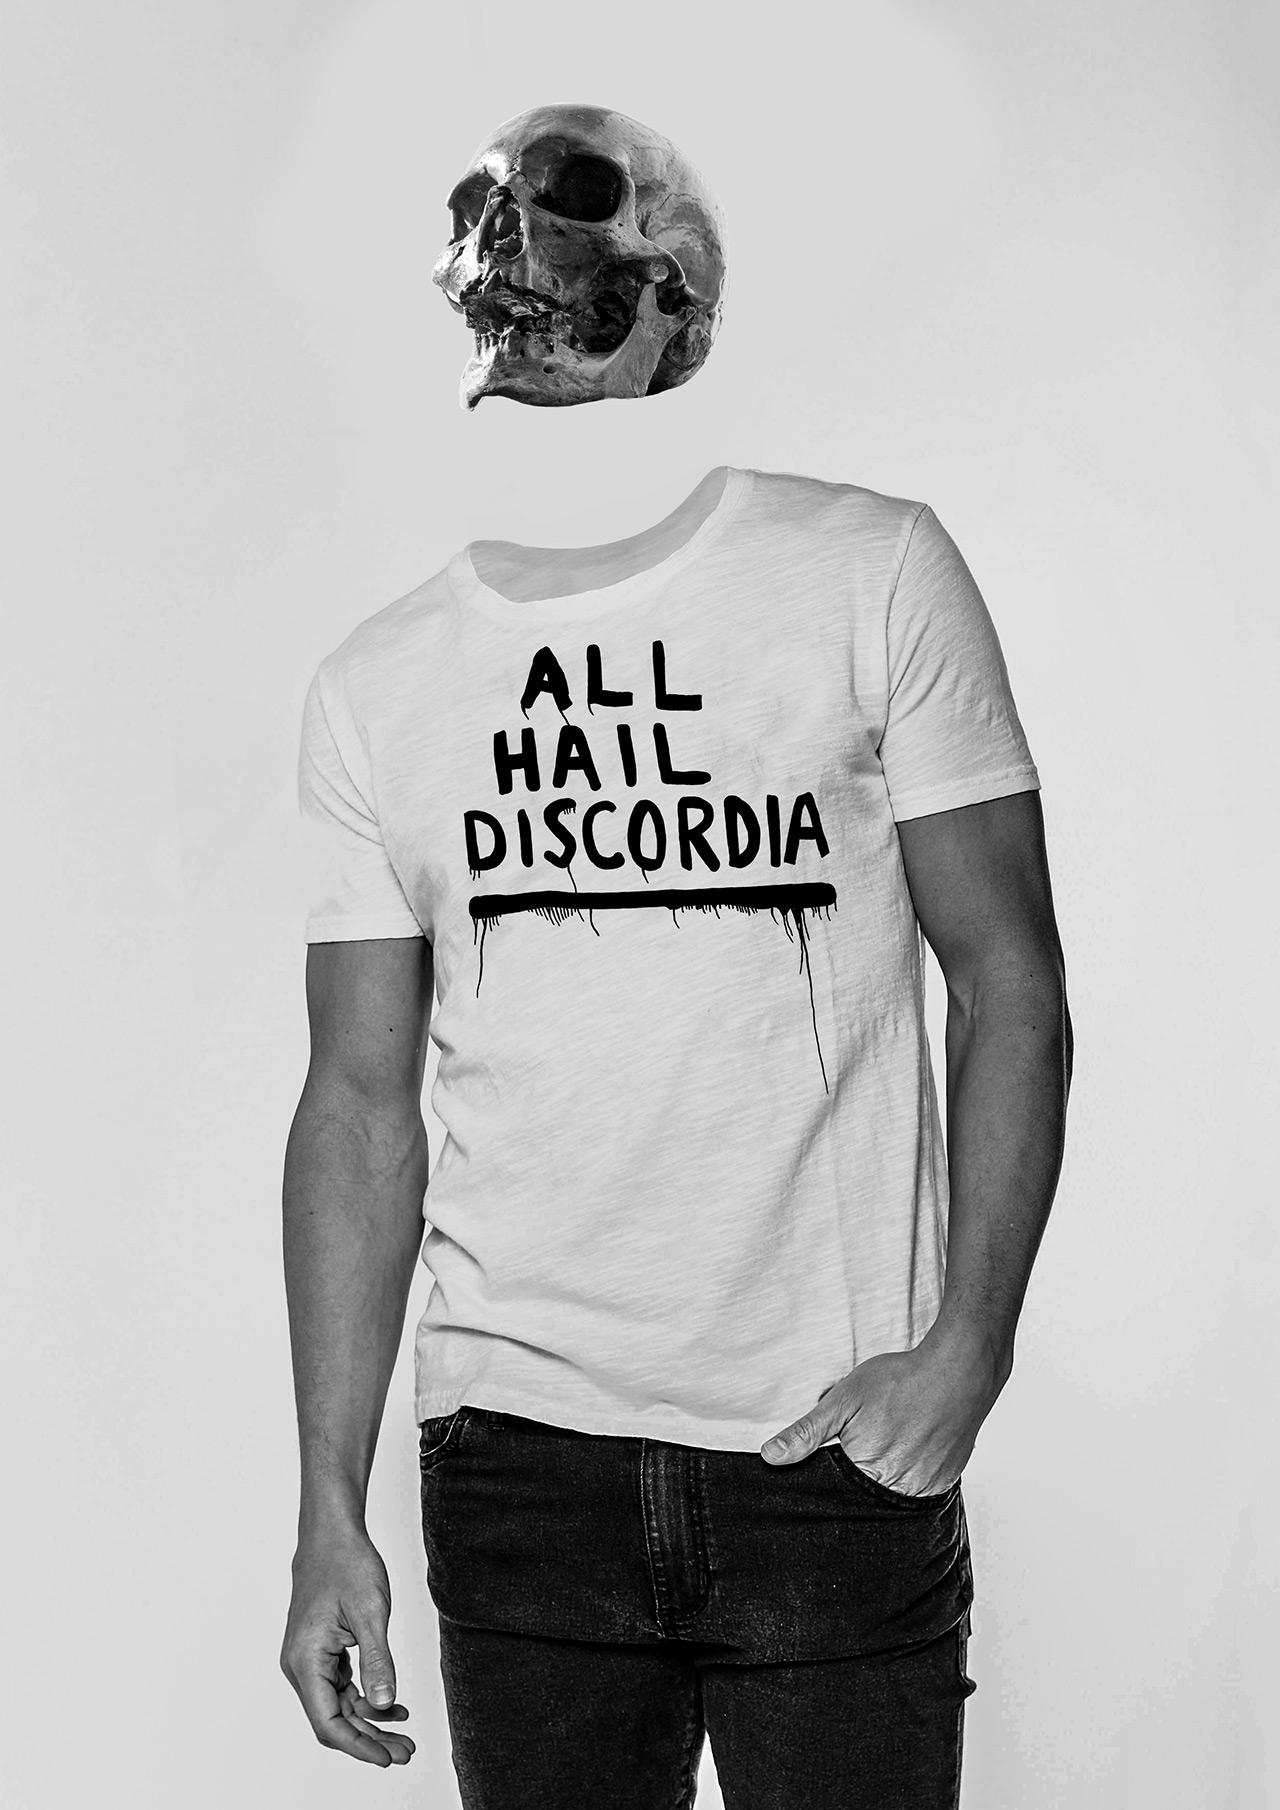 All Hail Discordia